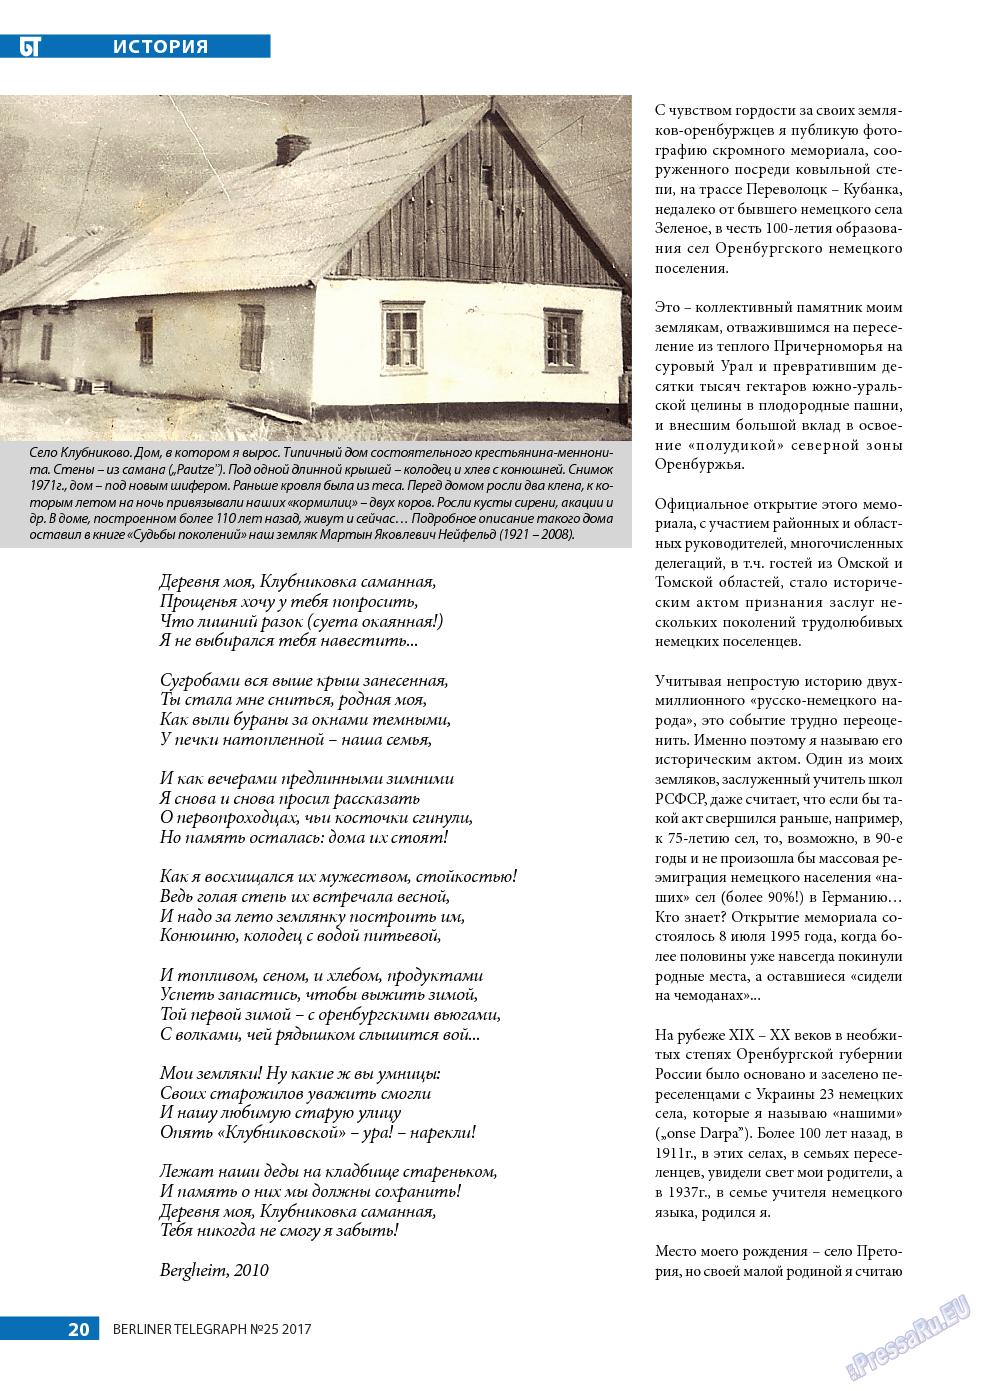 Берлинский телеграф (журнал). 2017 год, номер 25, стр. 20